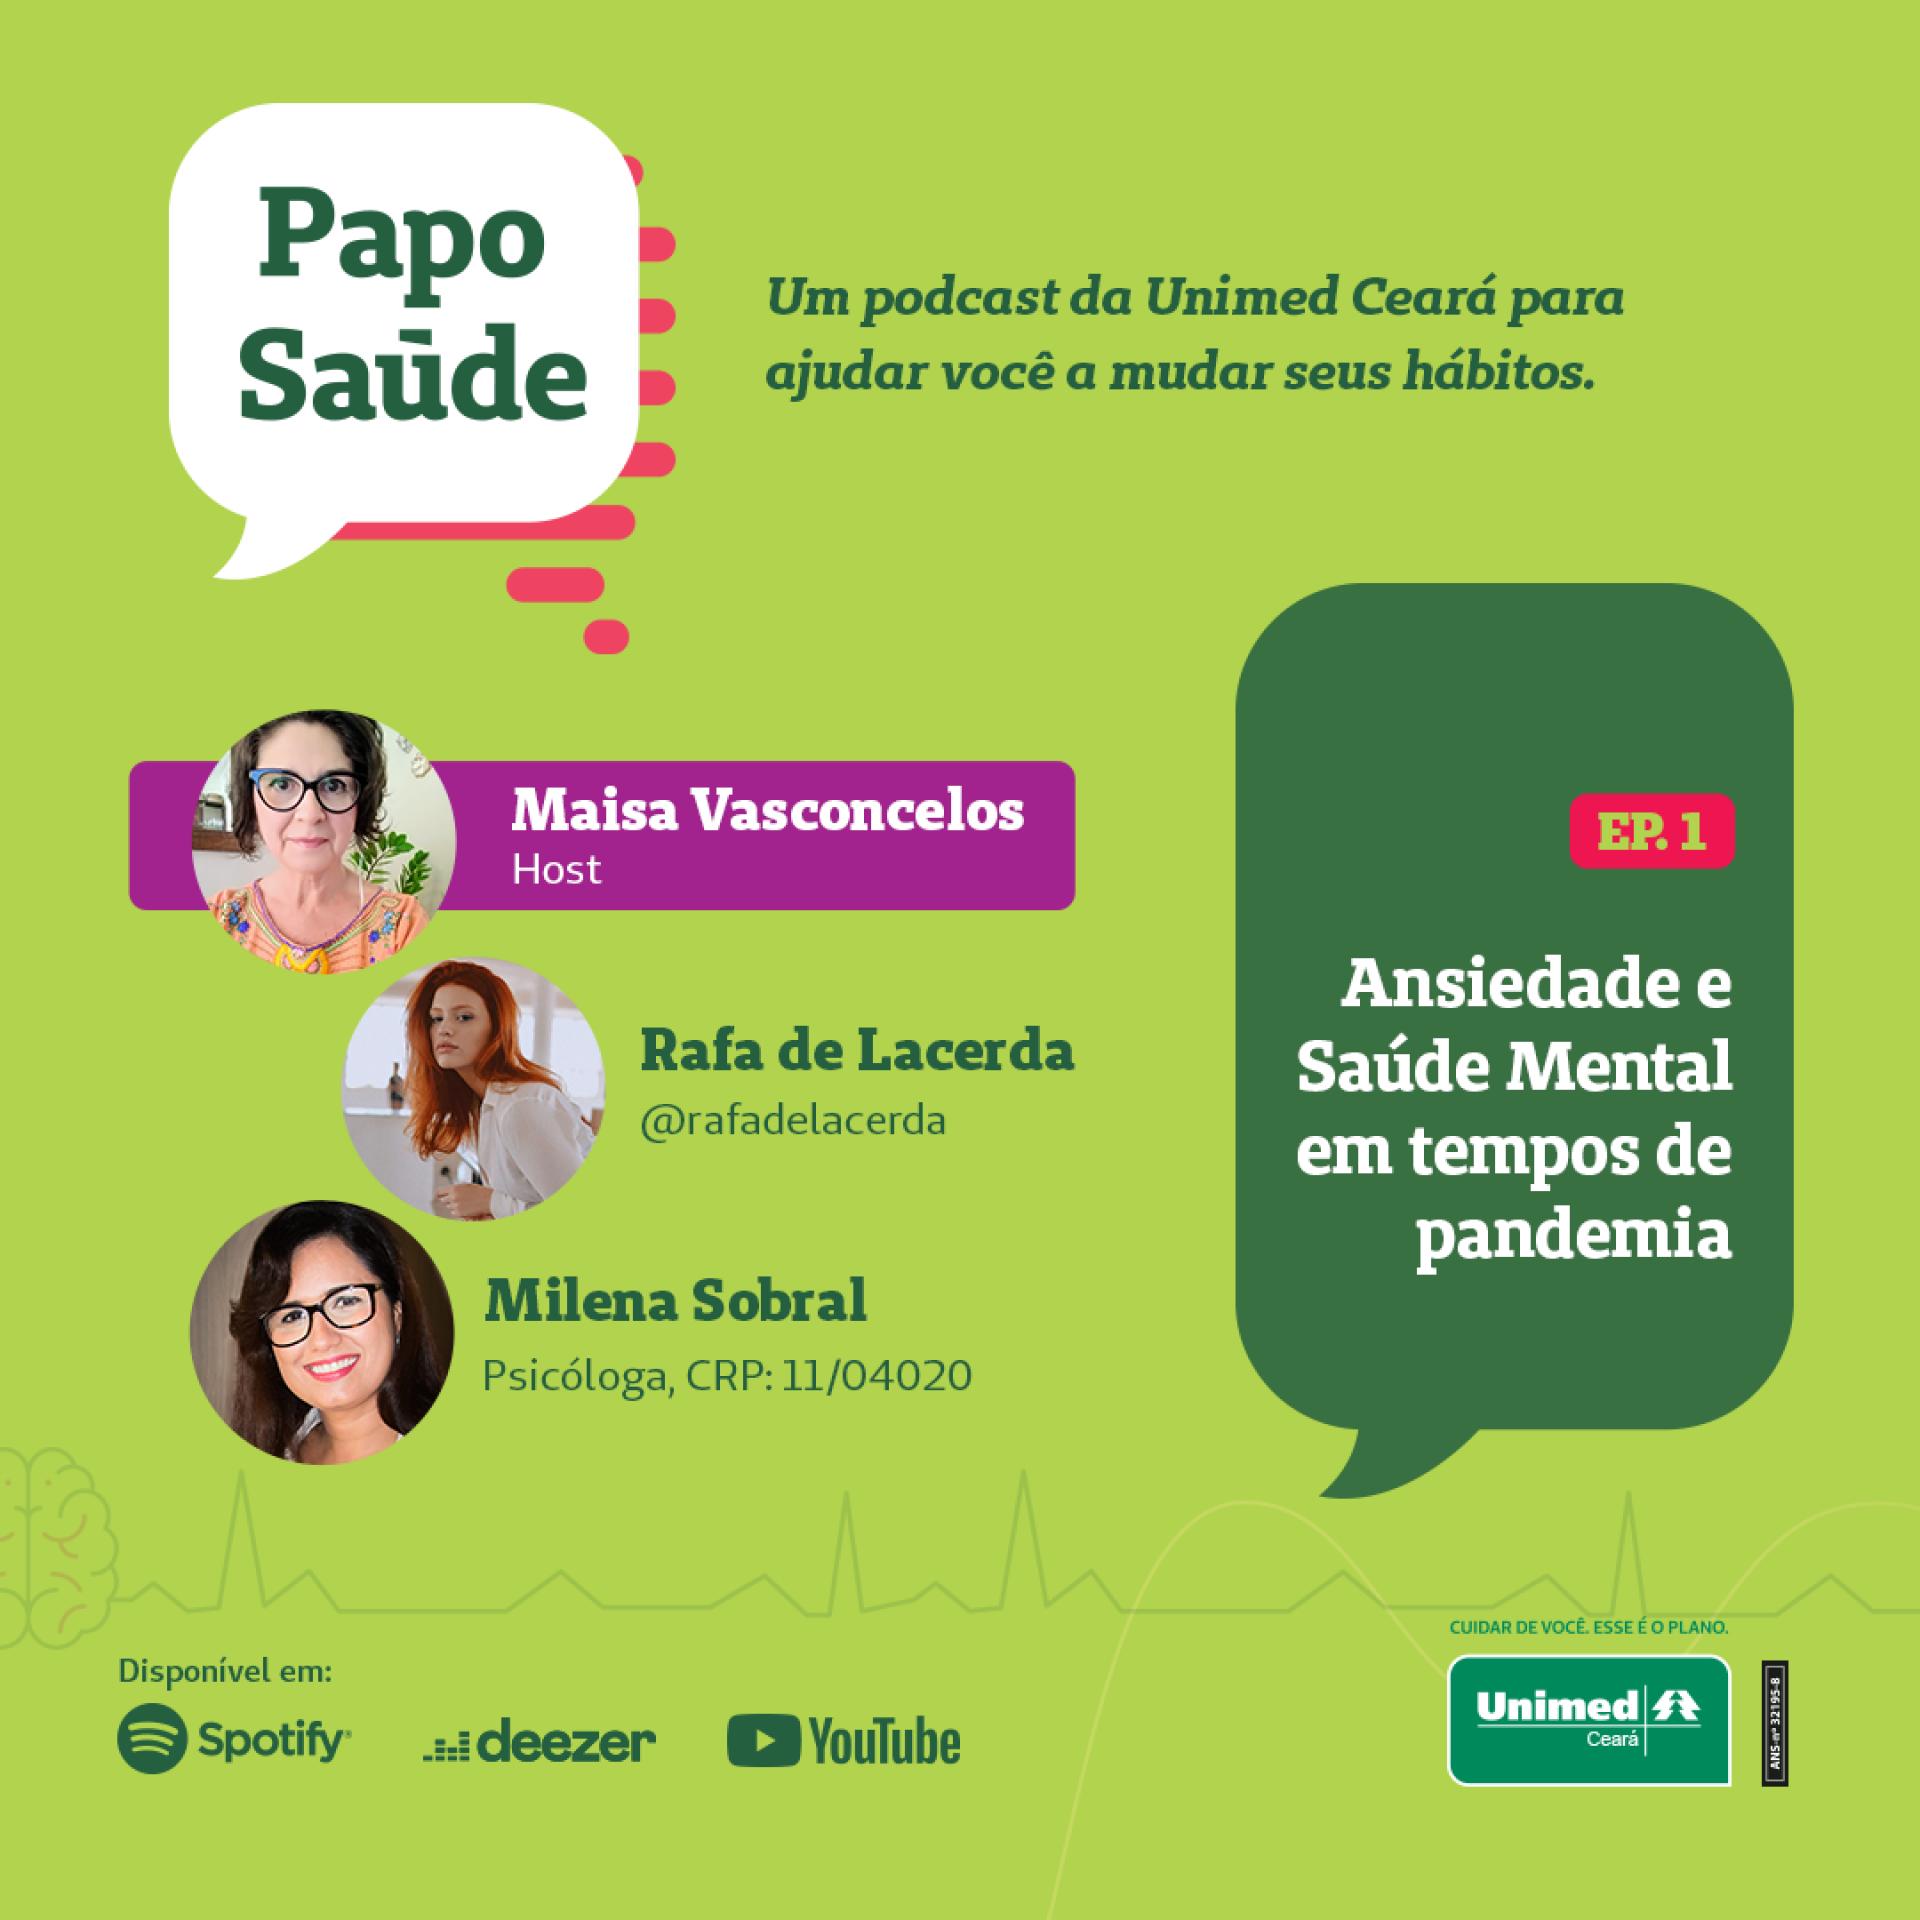 Confira os podcasts Papo Saúde da Unimed Ceará. O episódio 1 é sobre ansiedade e saúde mental em tempos de pandemia